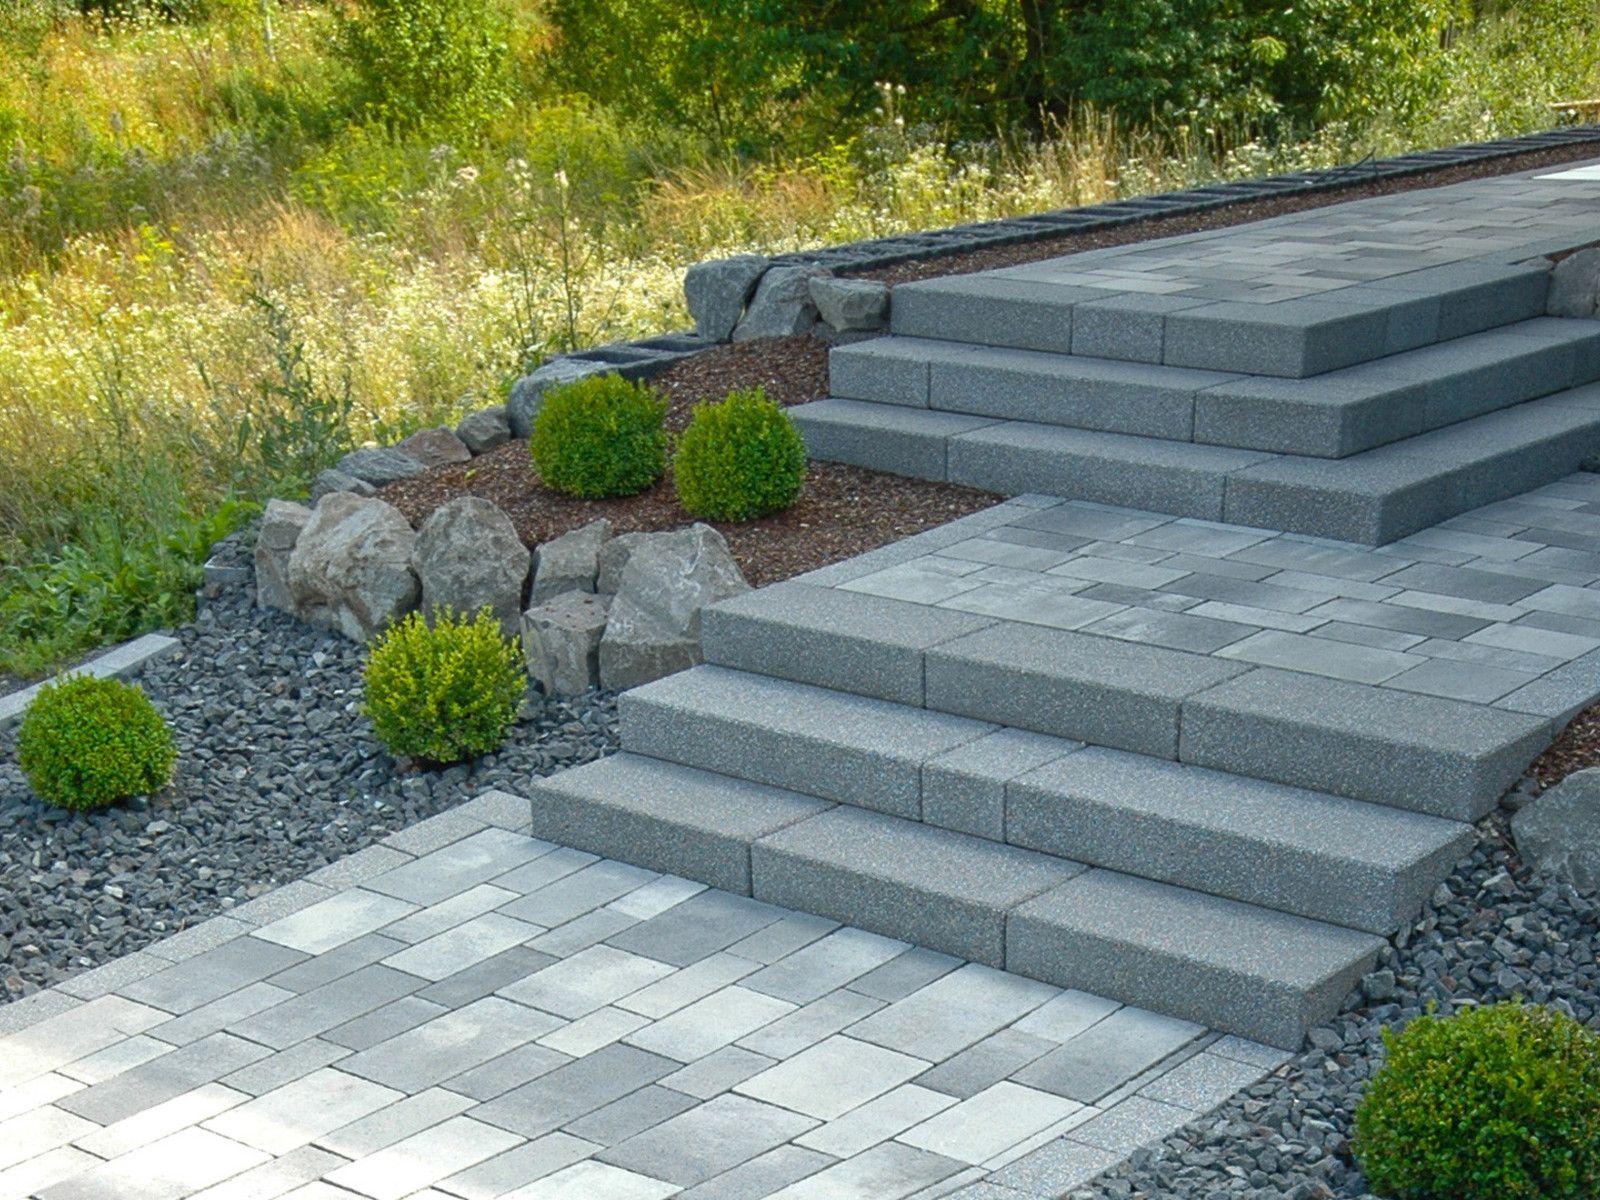 treppengestaltung mit flair blockstufen in basalt anthrazit und podest bzw weg. Black Bedroom Furniture Sets. Home Design Ideas